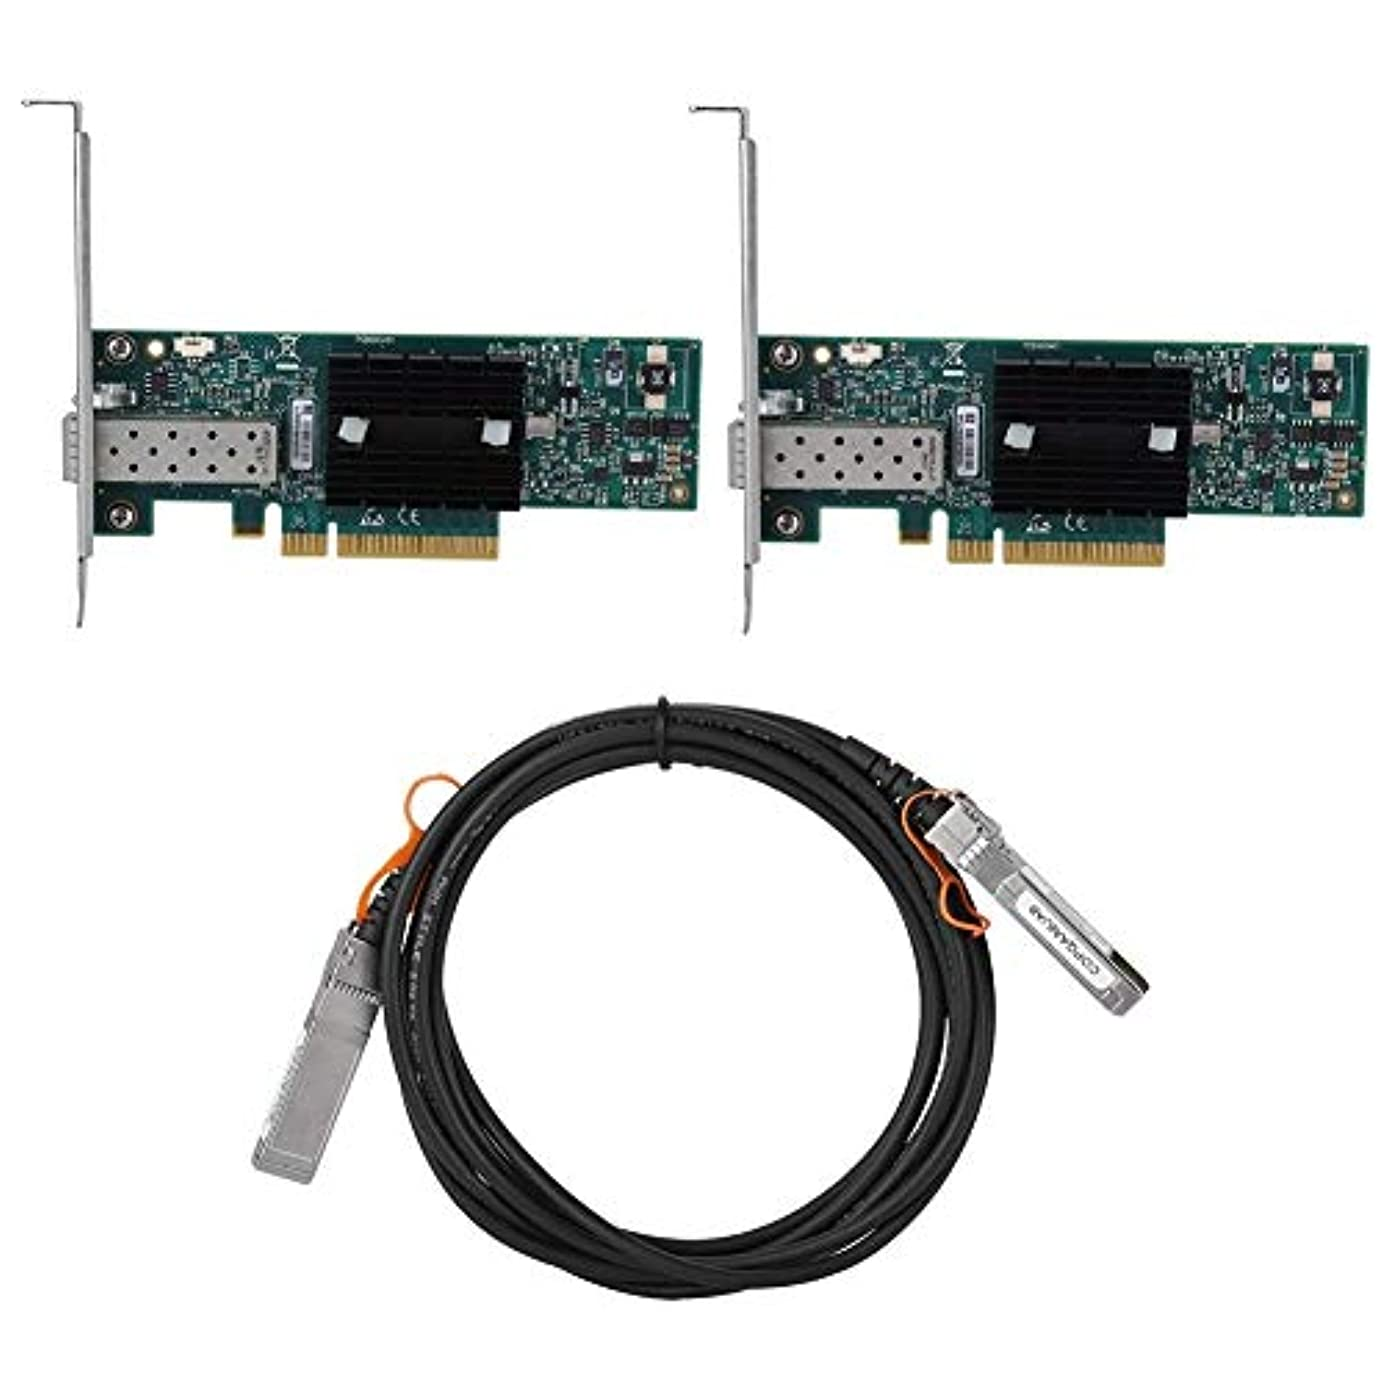 グリース海峡ひも助言Brocan 1O GB Mellanox社のネットワークスイートキットシングルポートイーサネットカードMNPA19-XT SFP +接続ケーブルについて